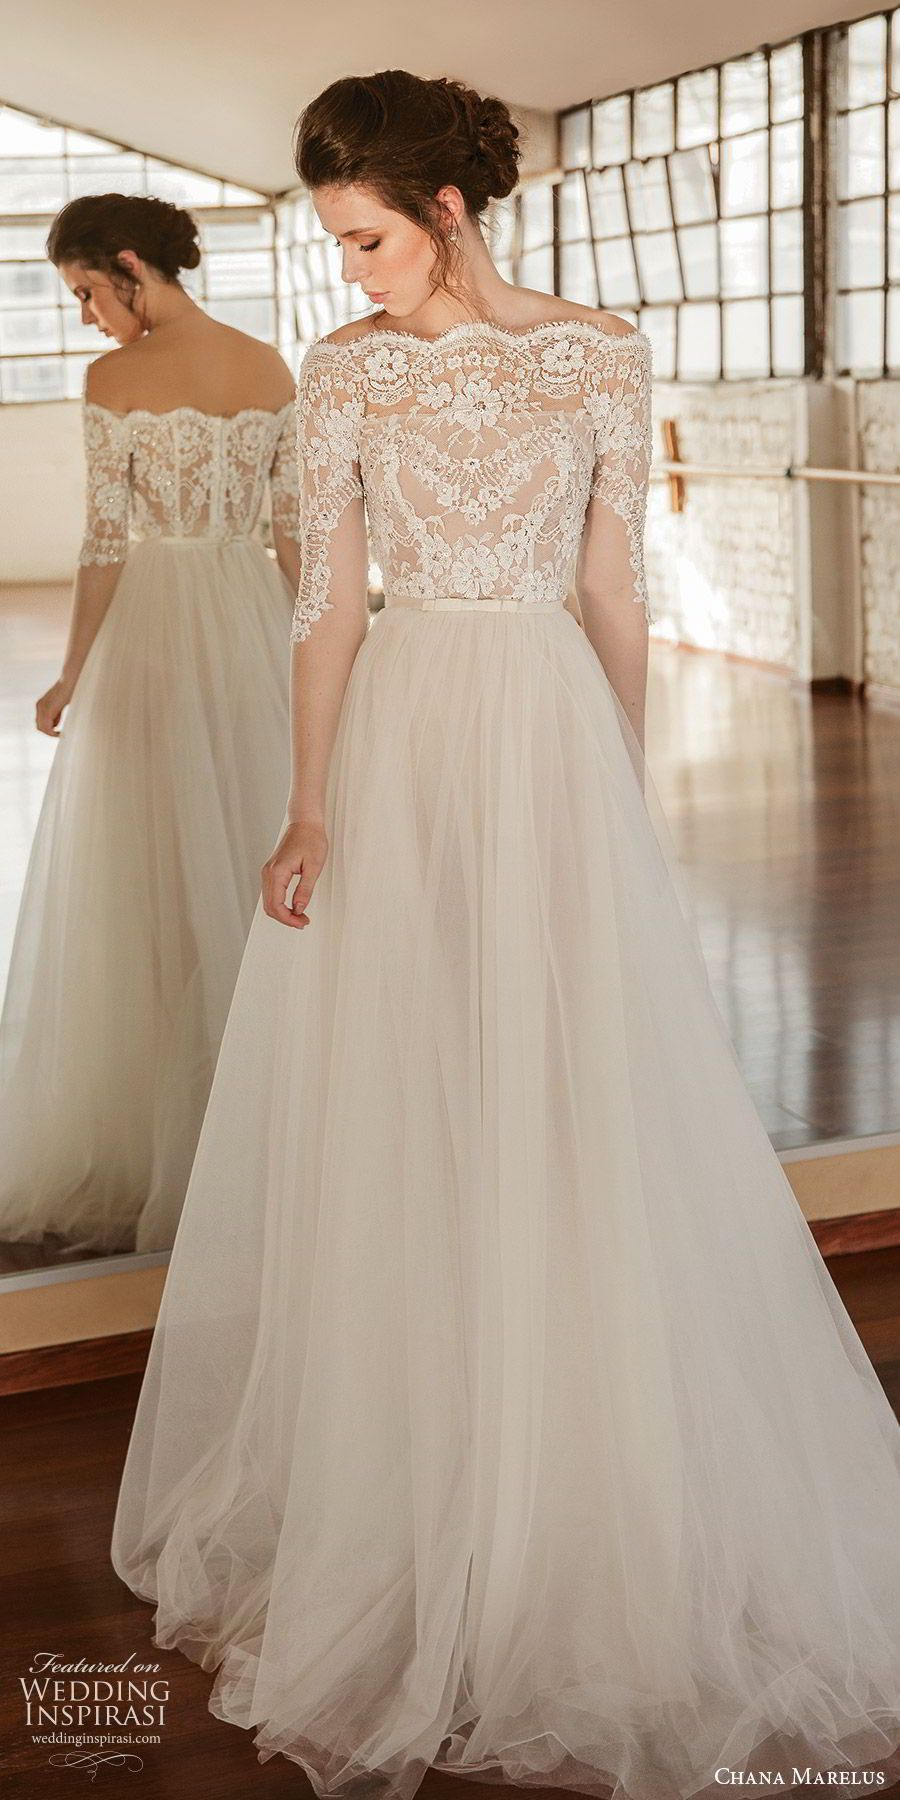 Photo of Chana Marelus Herbst / Winter 2019 Brautkleider | Hochzeit Inspirasi